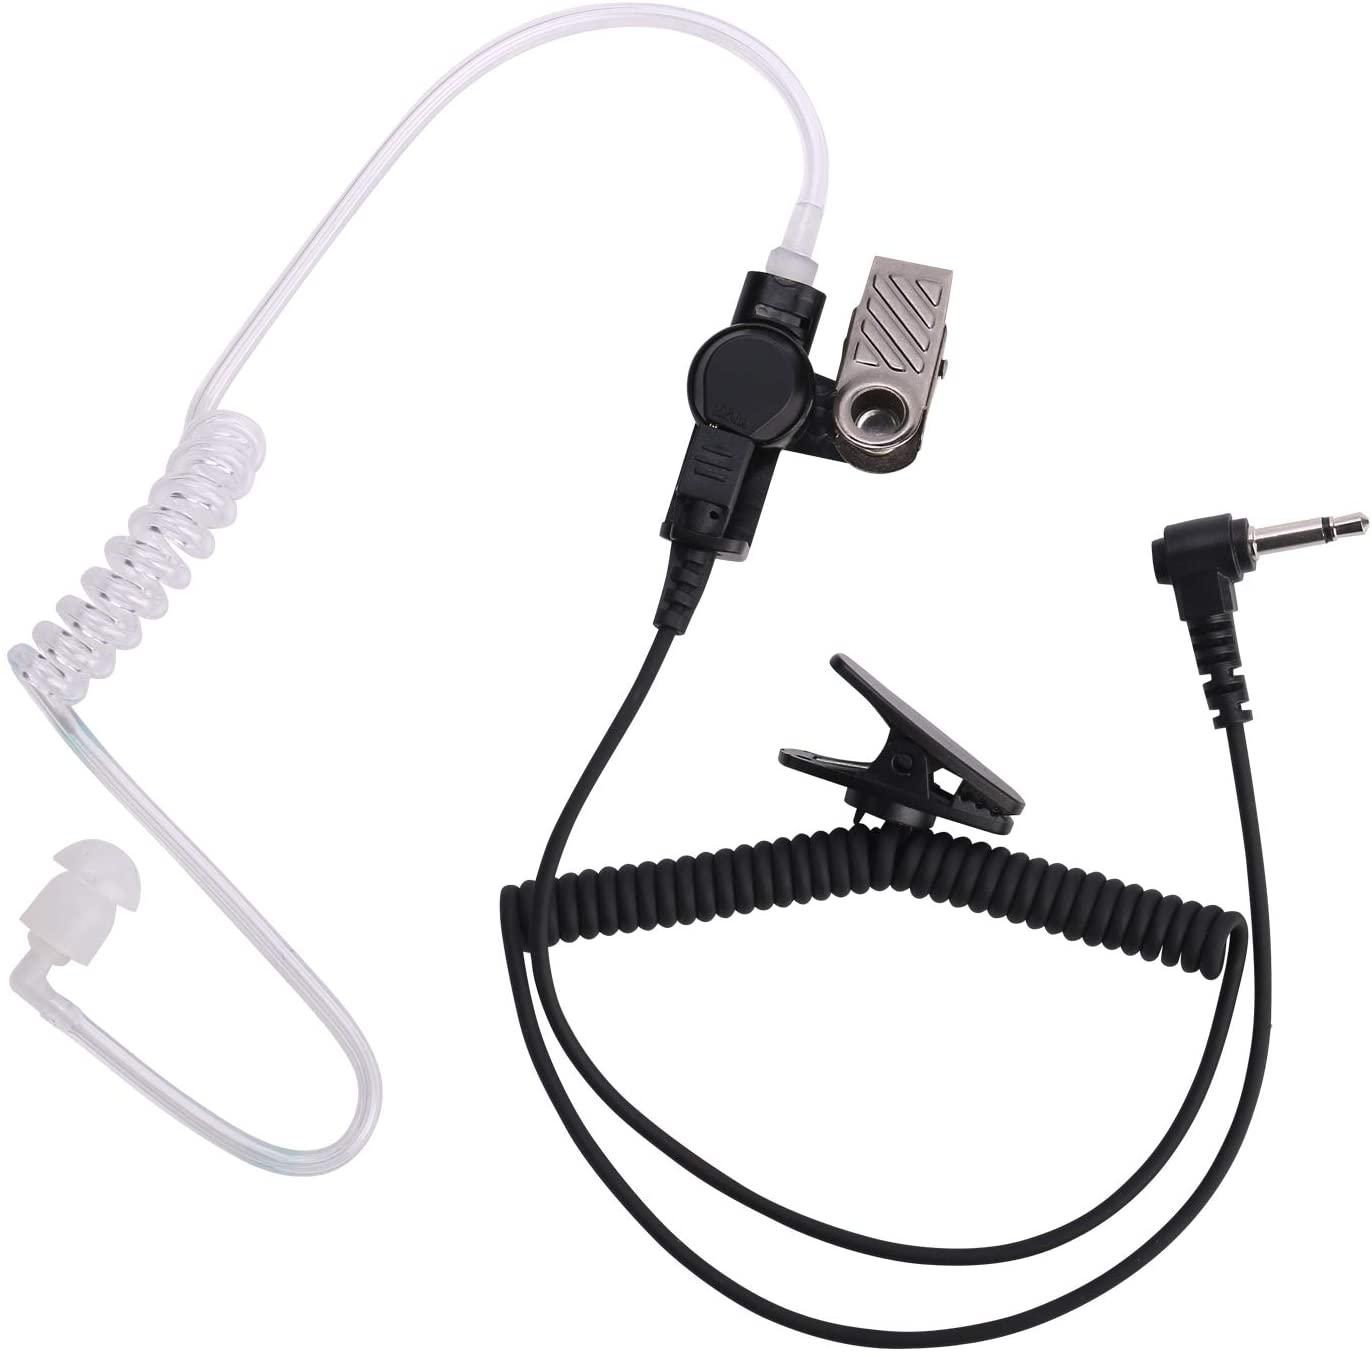 Motorola walkie-talkie earpiece